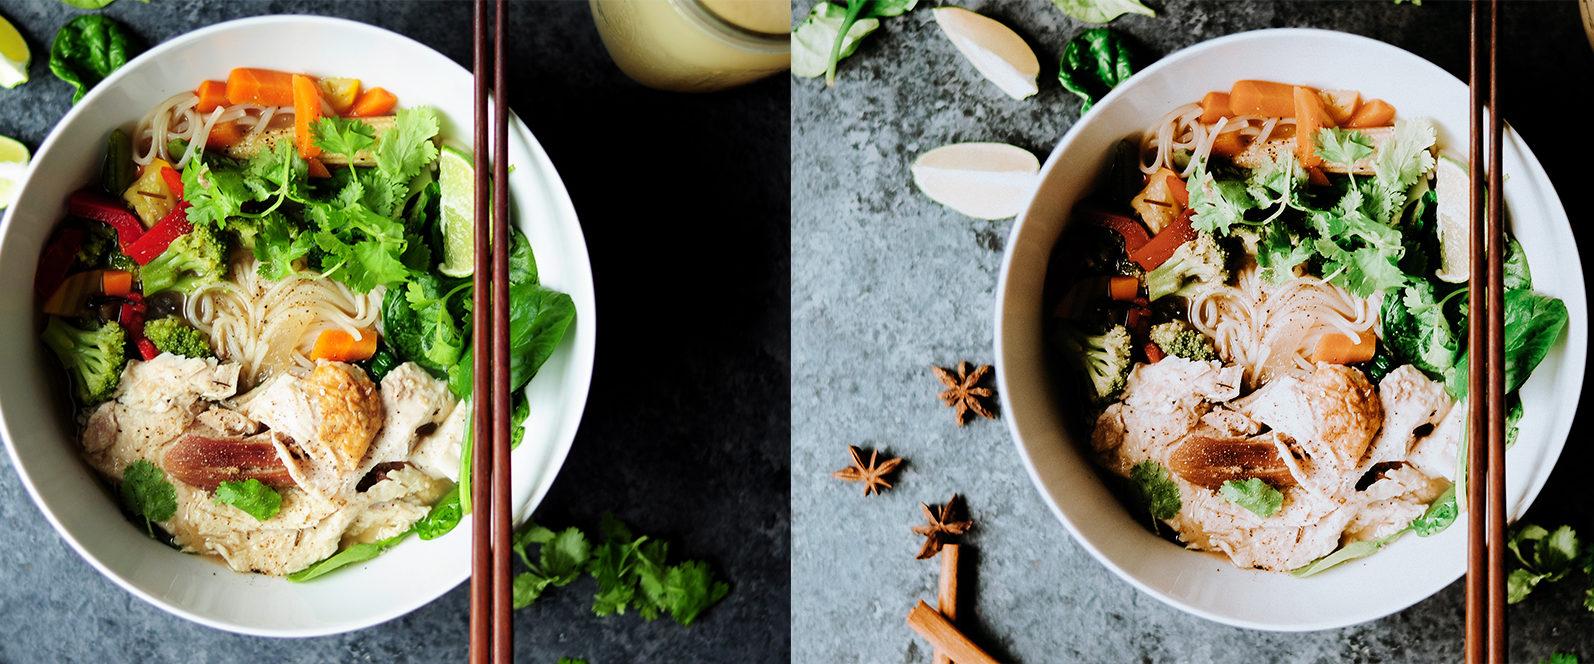 Food Blogger Vol. 1 Lightroom Presets - Desktop and Mobile - 8 Food Blogger 2 -